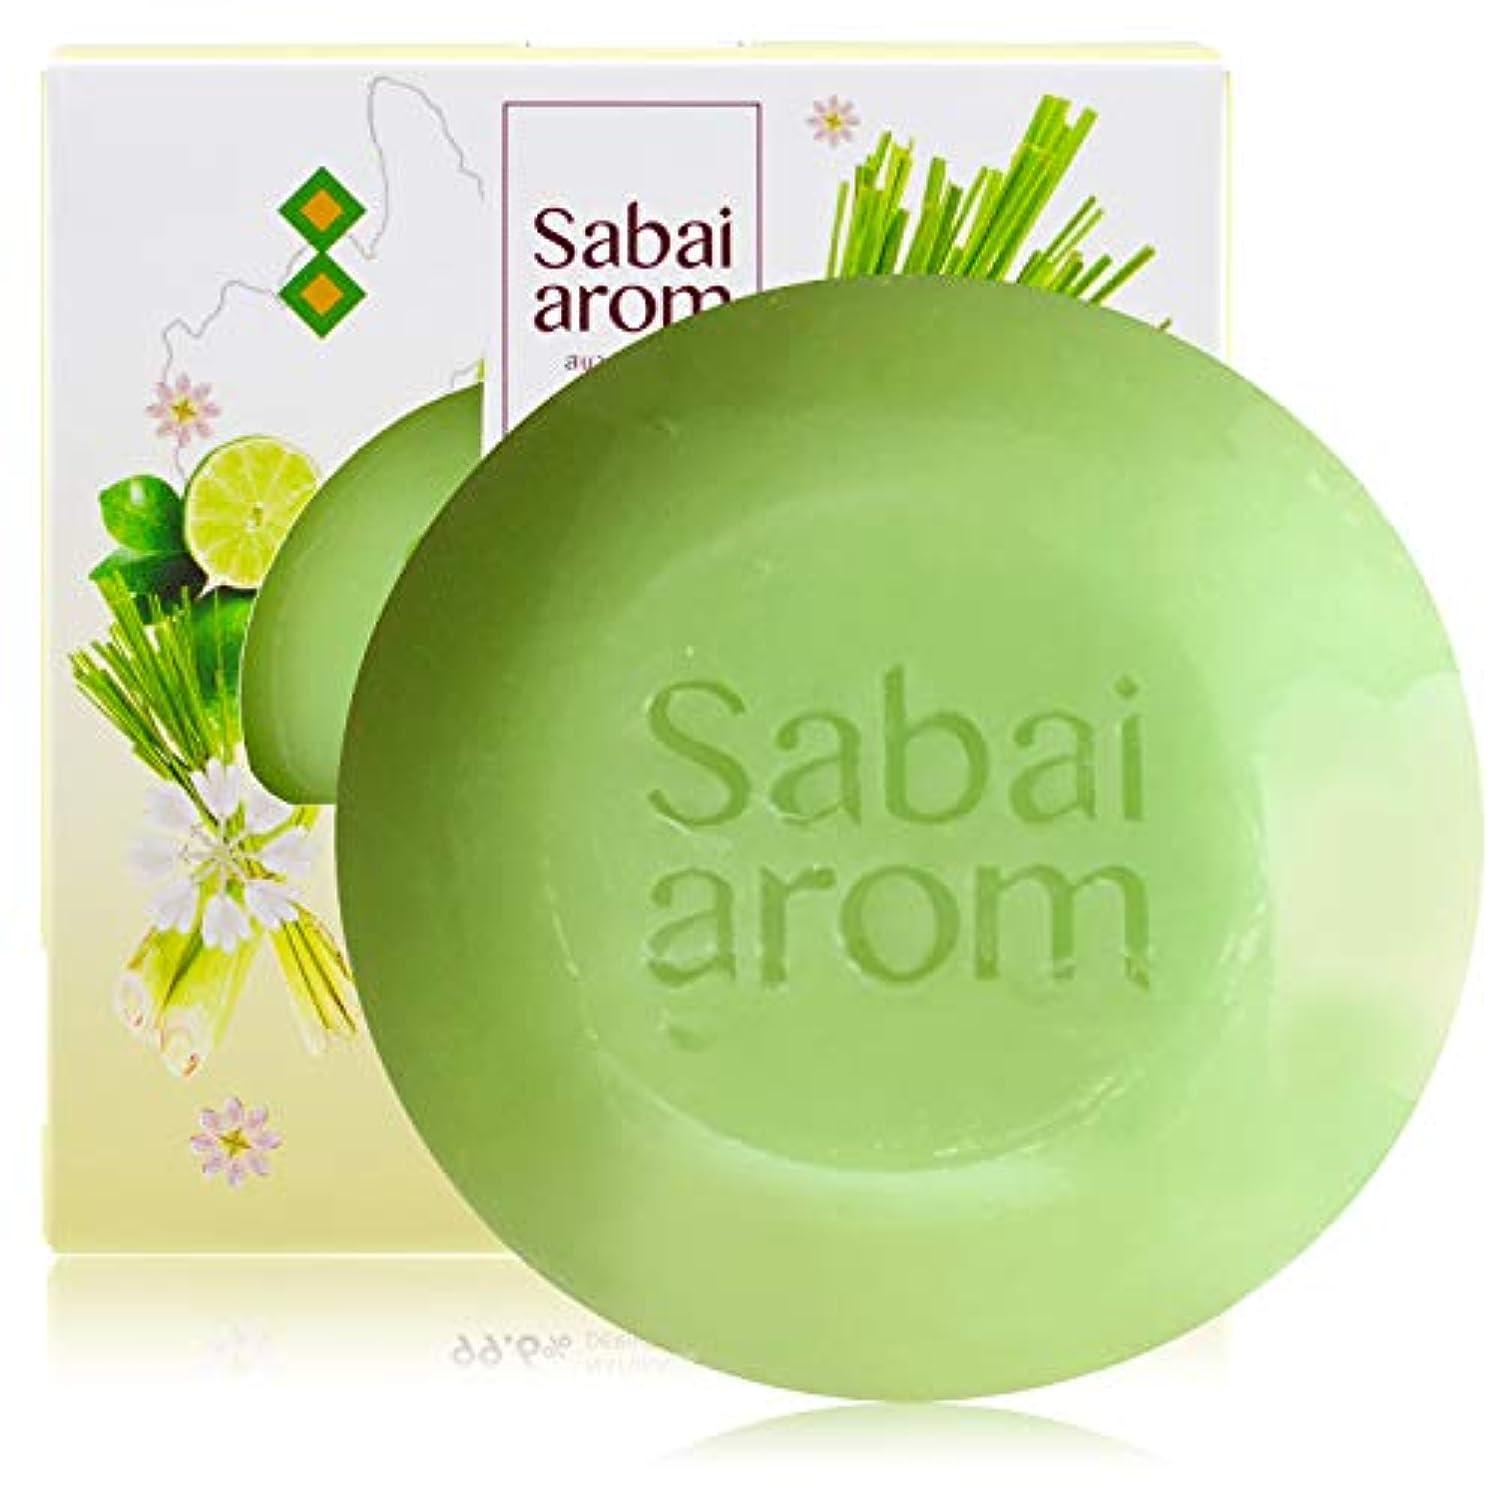 脆い明快メロディアスサバイアロム(Sabai-arom) レモングラス フェイス&ボディソープバー (石鹸) 100g【LMG】【001】